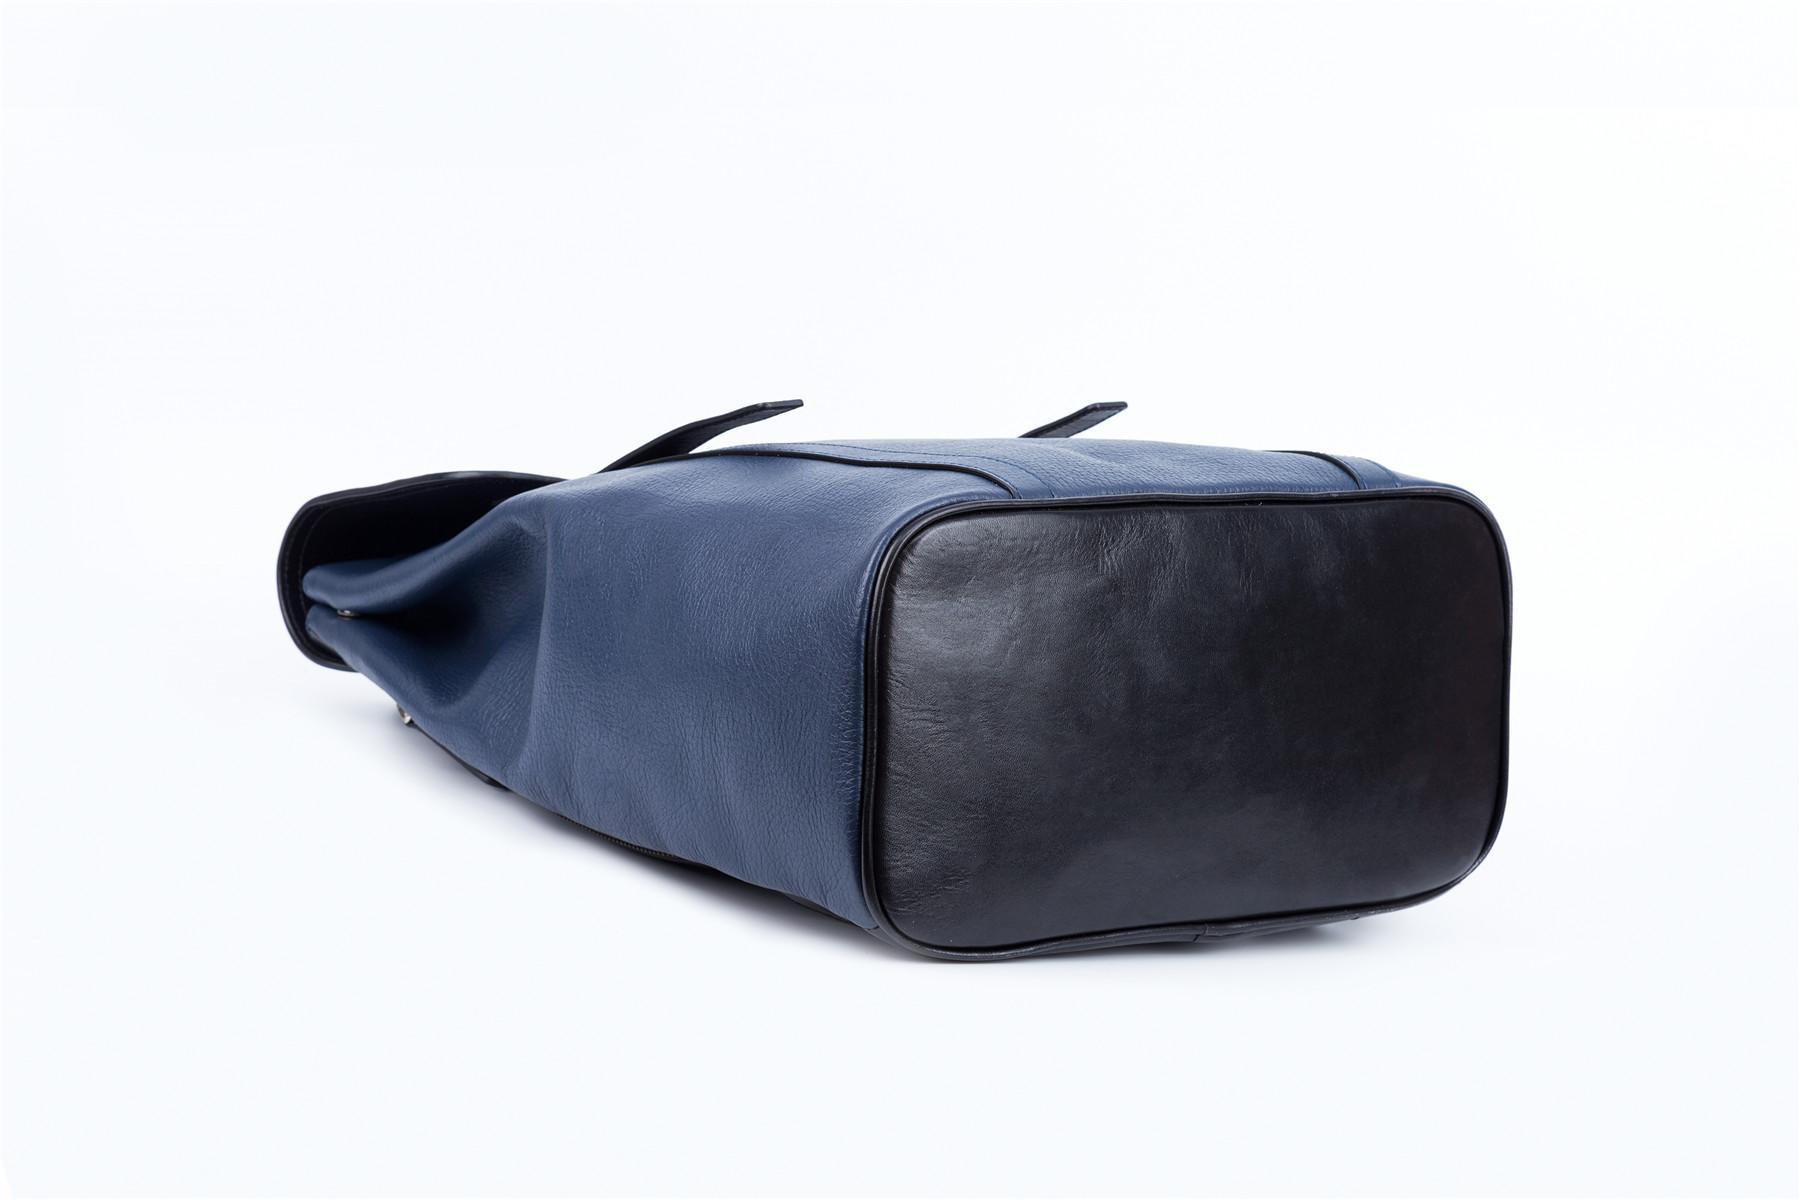 GF bags-Oem Odm Backpack Bags, Big Backpack Bags | Gf Bags-2